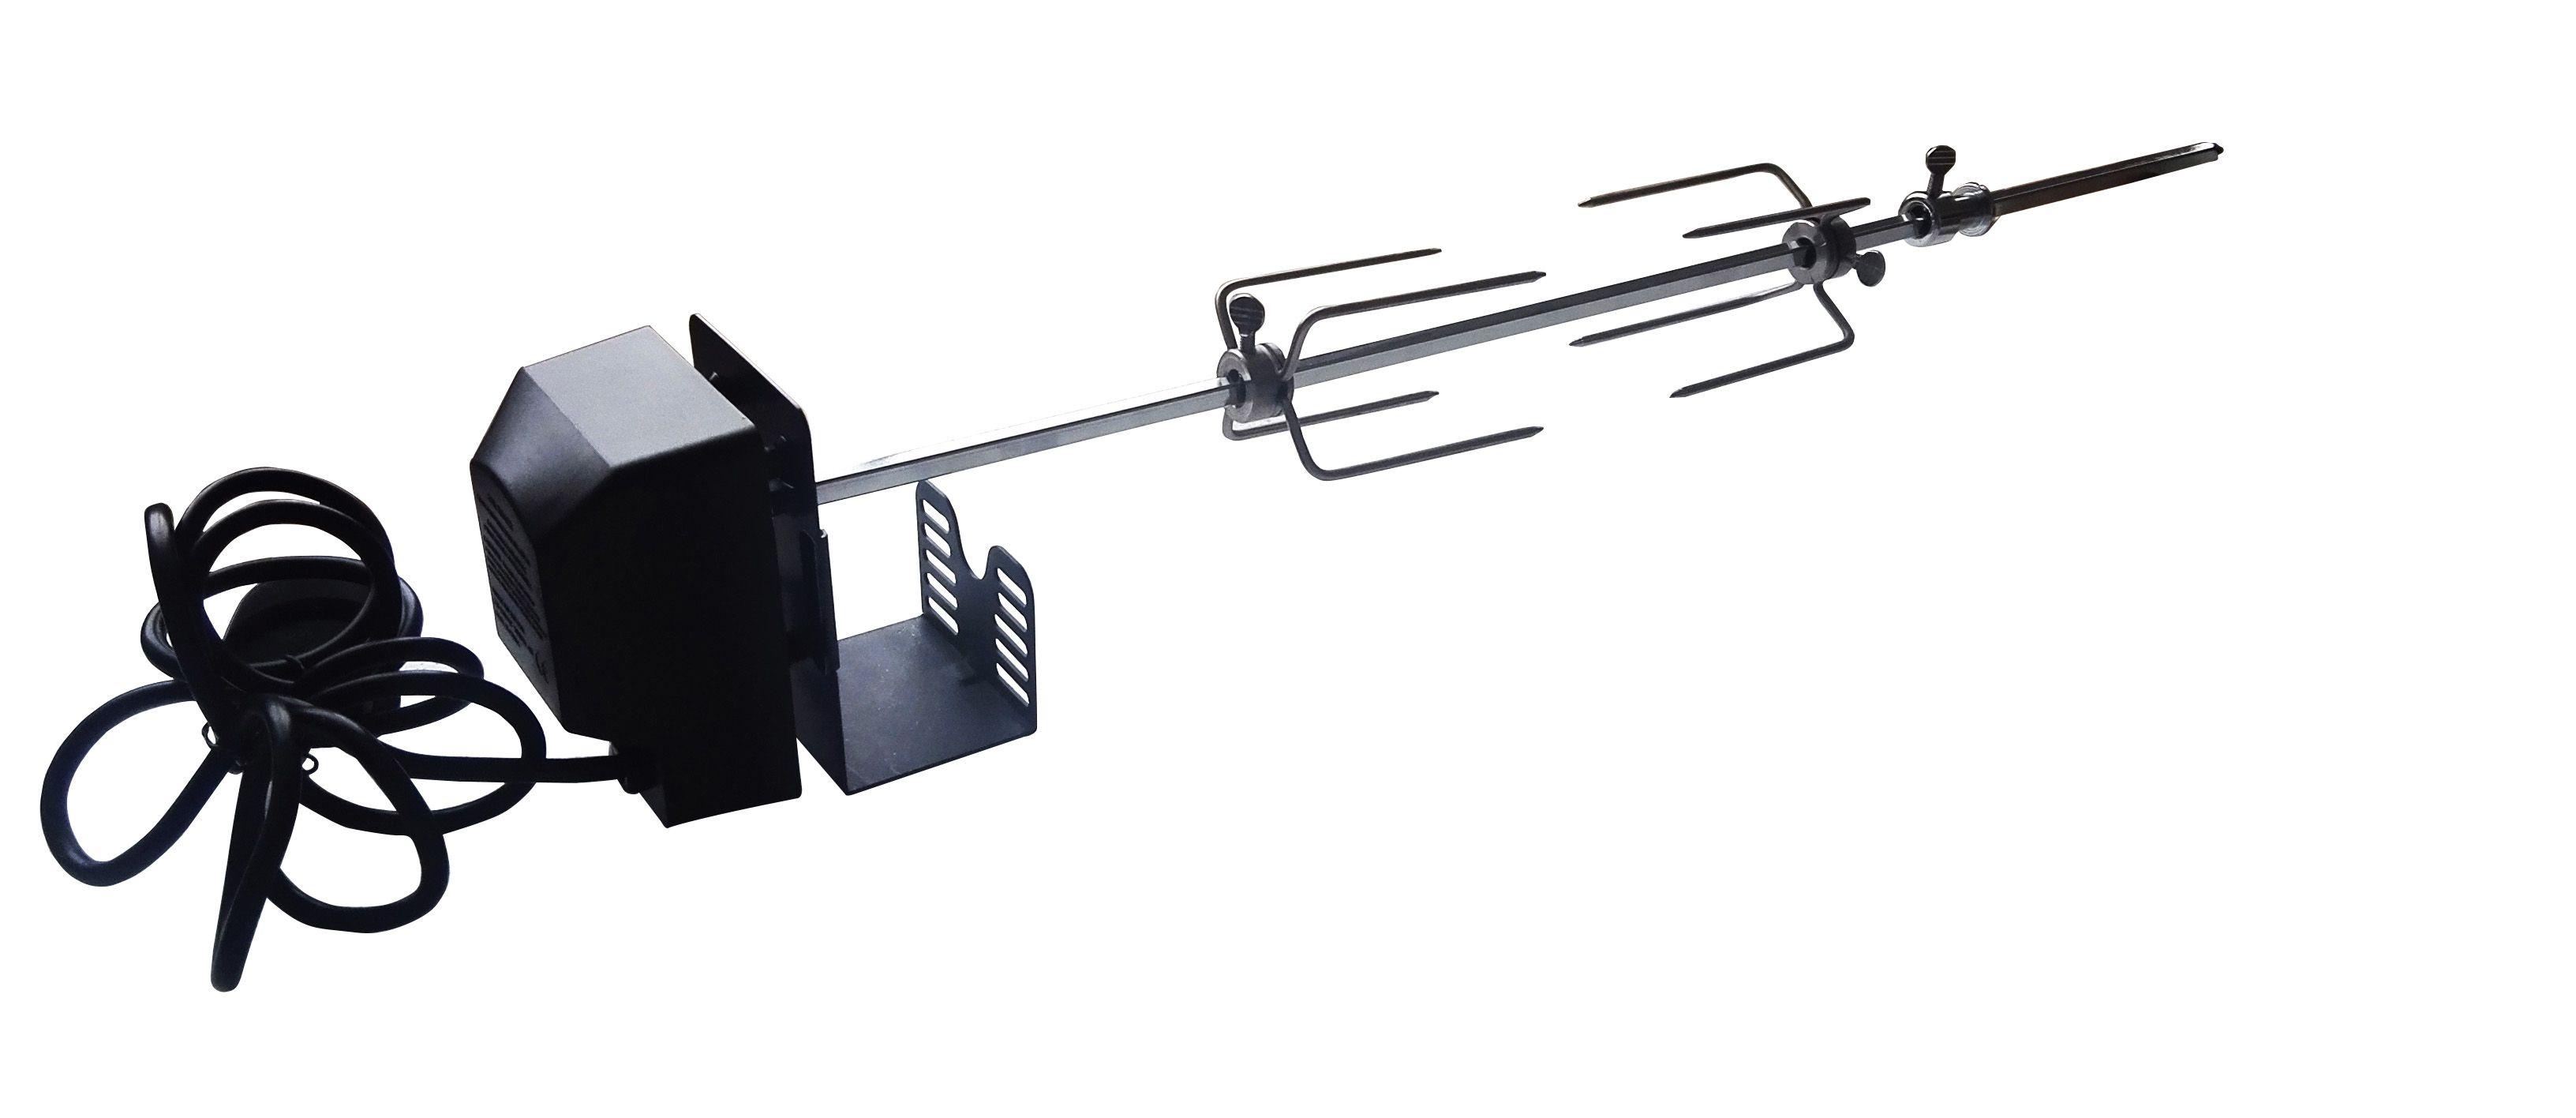 Drehspießkit (Spieß, Gabeln und Motor)